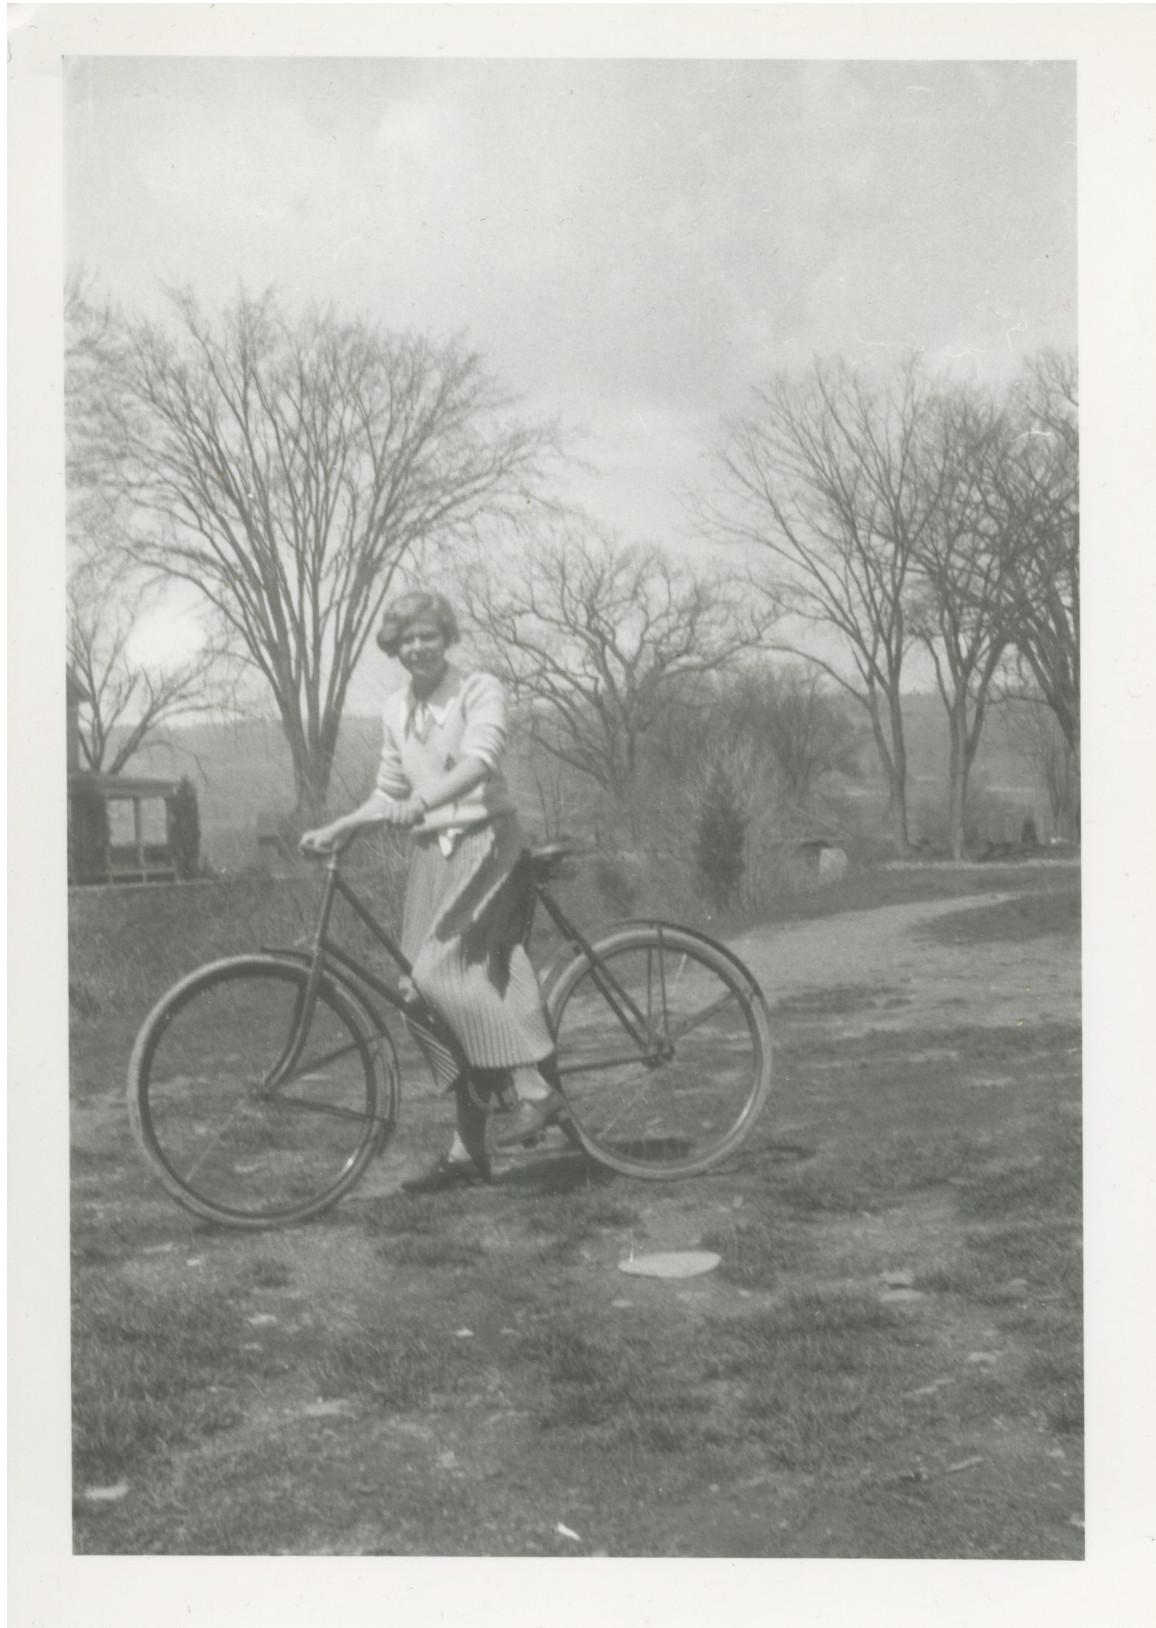 1925 bike photo